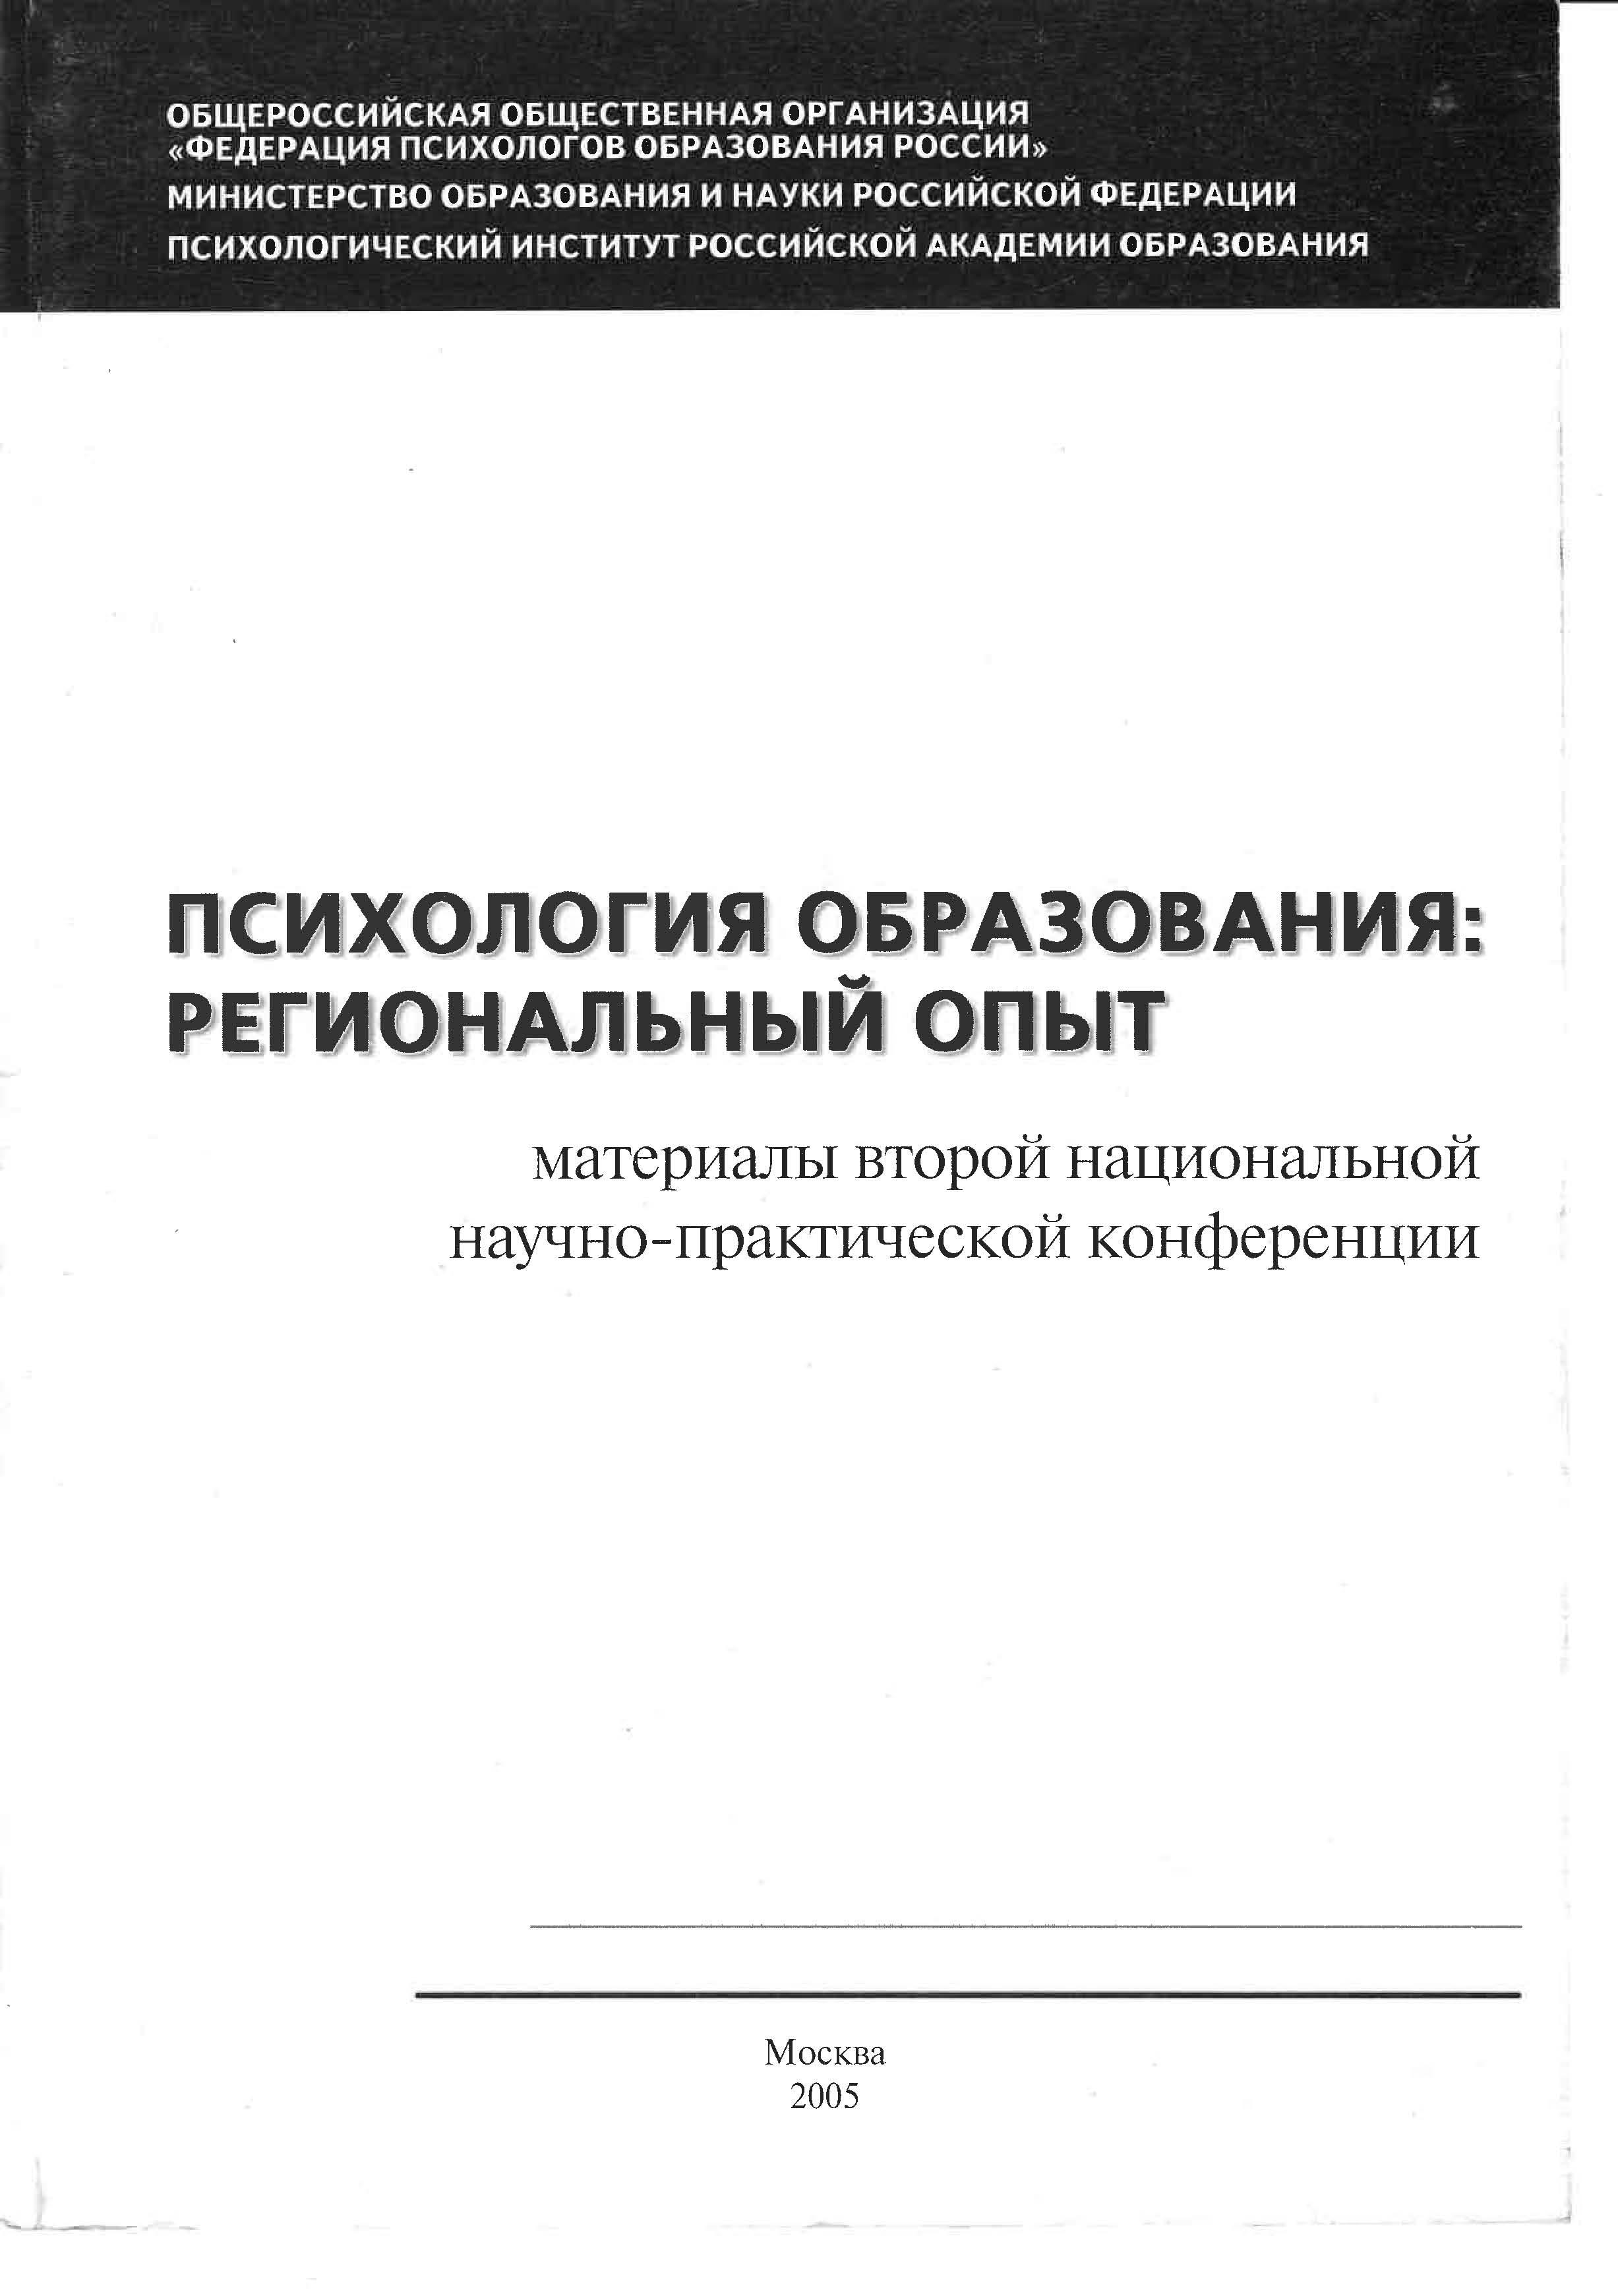 Проблемы создания и развития организационных моделей психологической службы в российской высшей школе